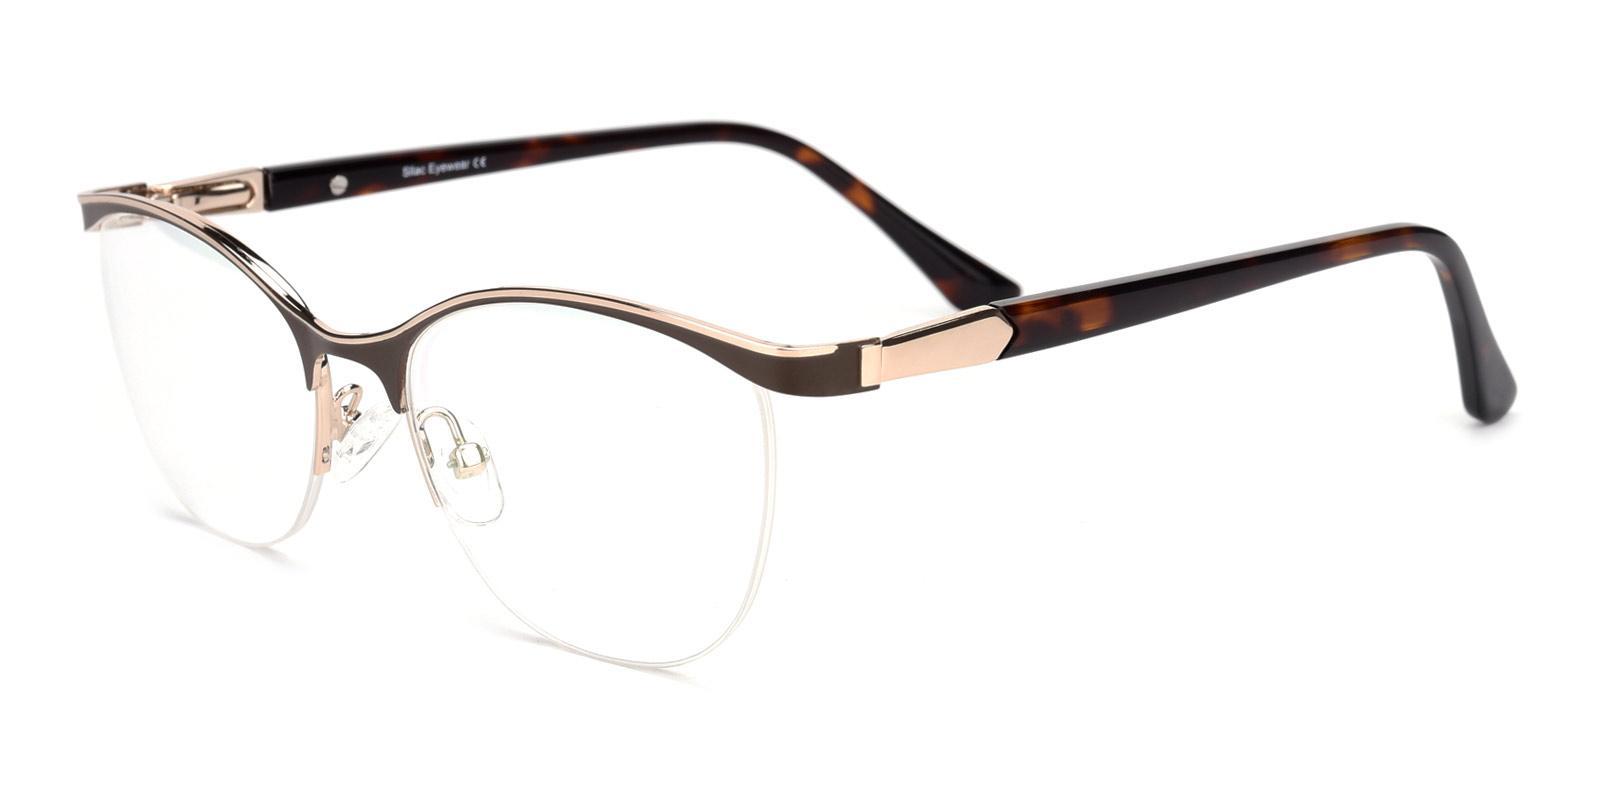 Alexis-Brown-Cat-Metal-Eyeglasses-detail